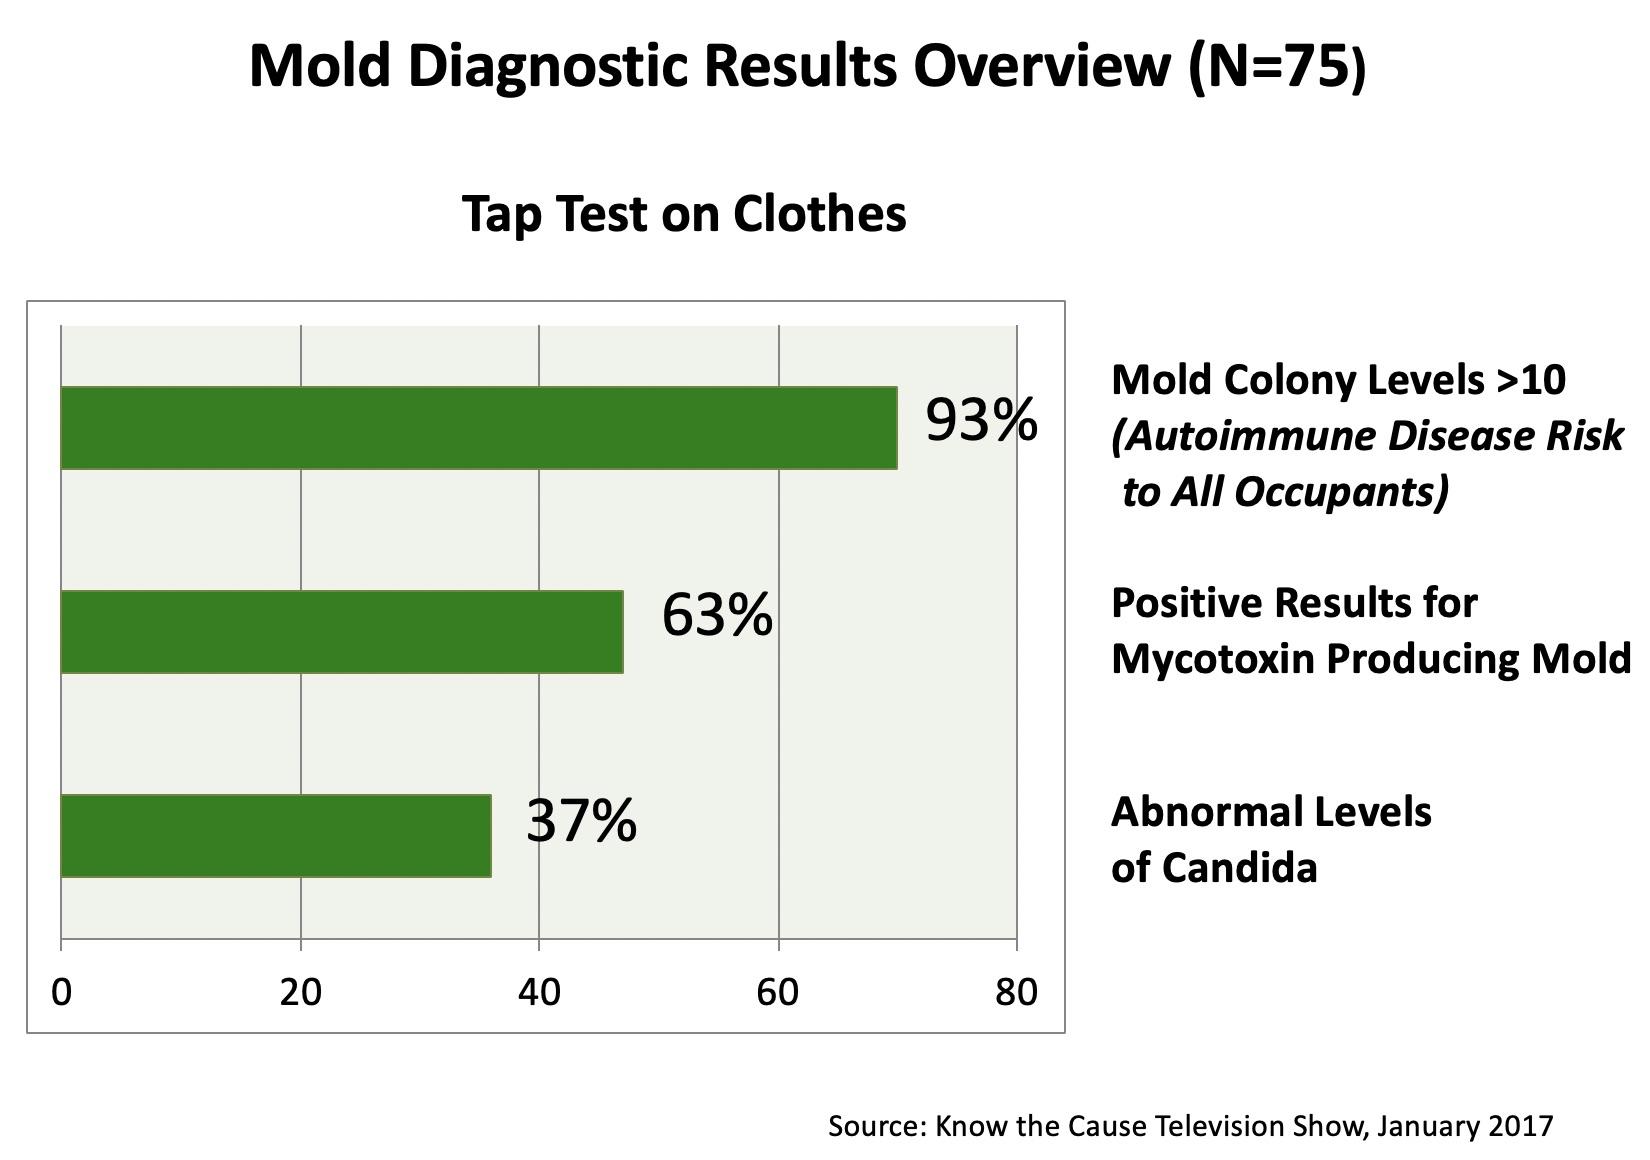 Citrisafe Laundry Liquid Detergent Mold Exposure